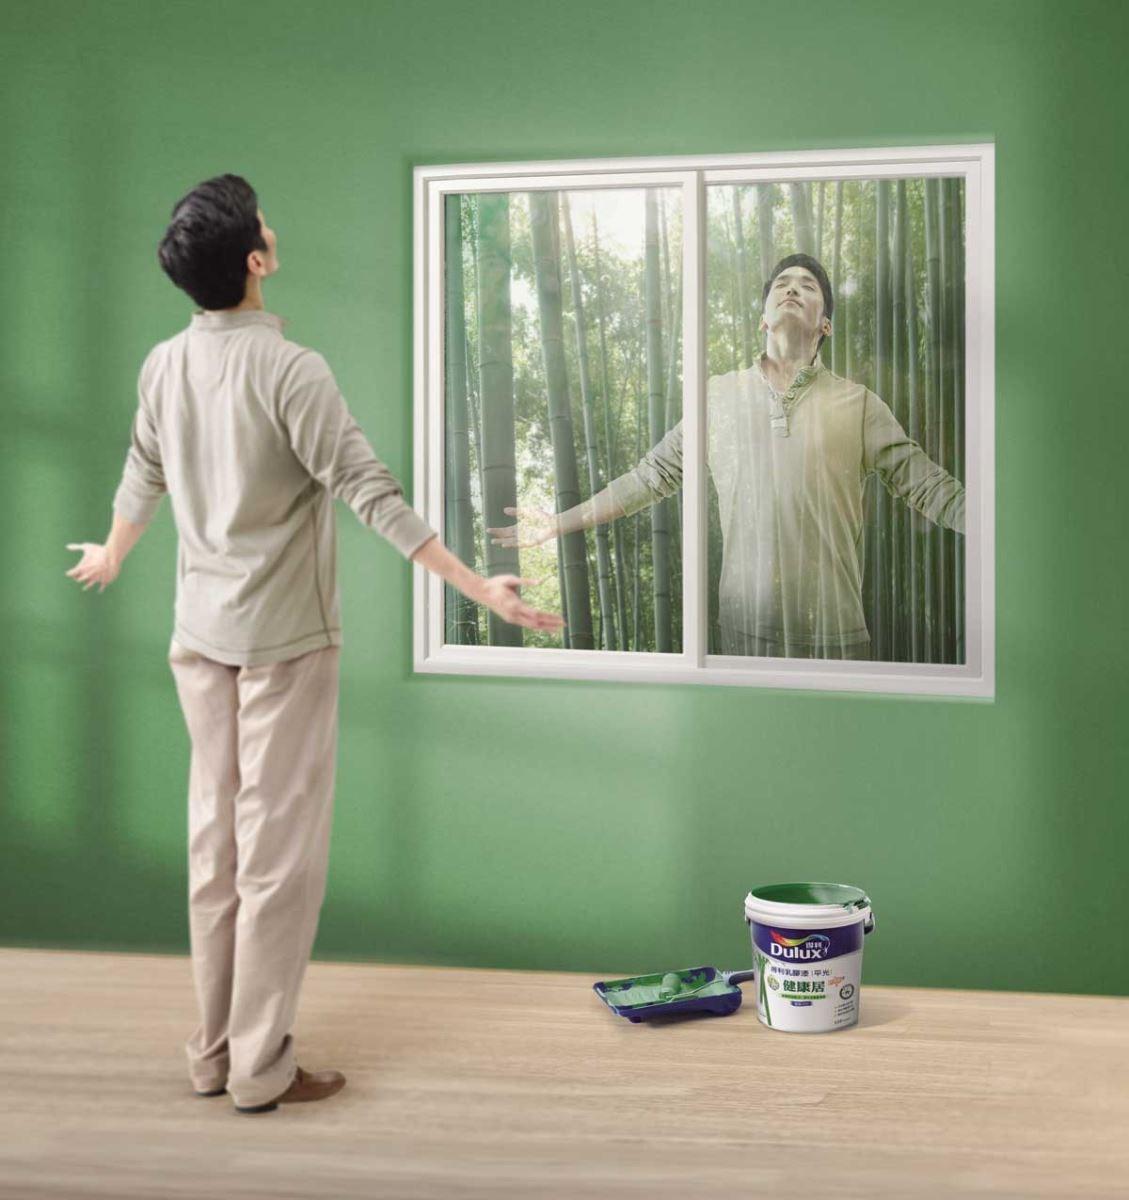 白竹炭除醛科技的健康塗料,讓人在家裡也如同身處大自然可以安心呼吸。(此為 3D 圖)